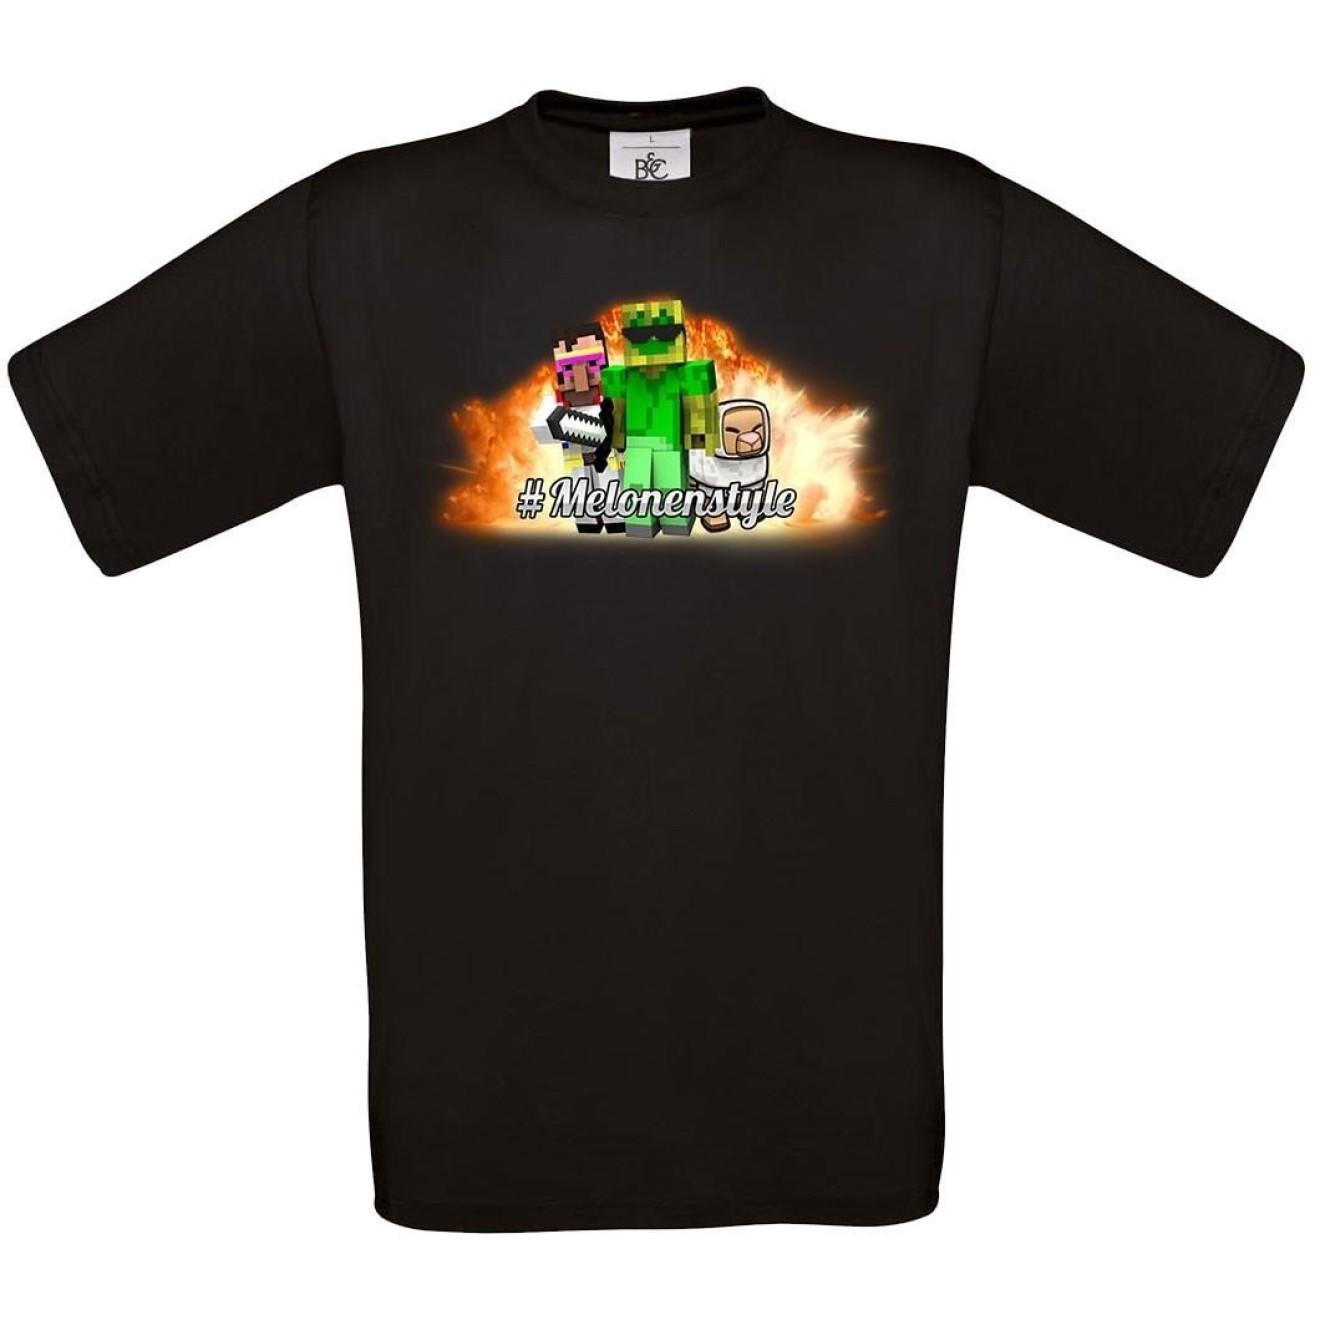 melonenstyle tshirt